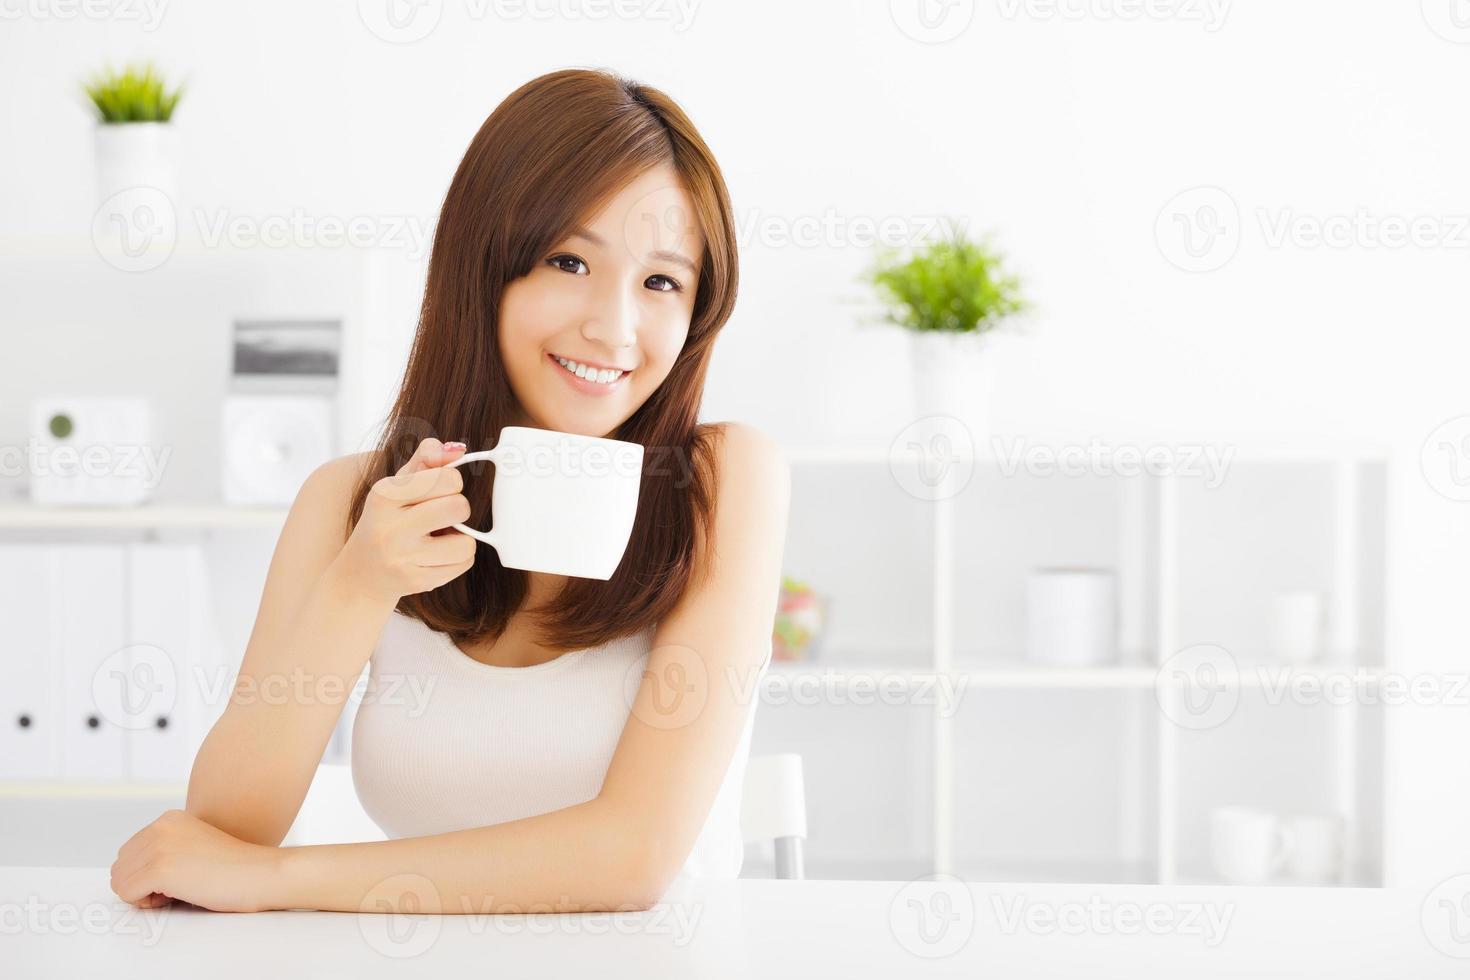 giovani asiatici felici che bevono caffè foto